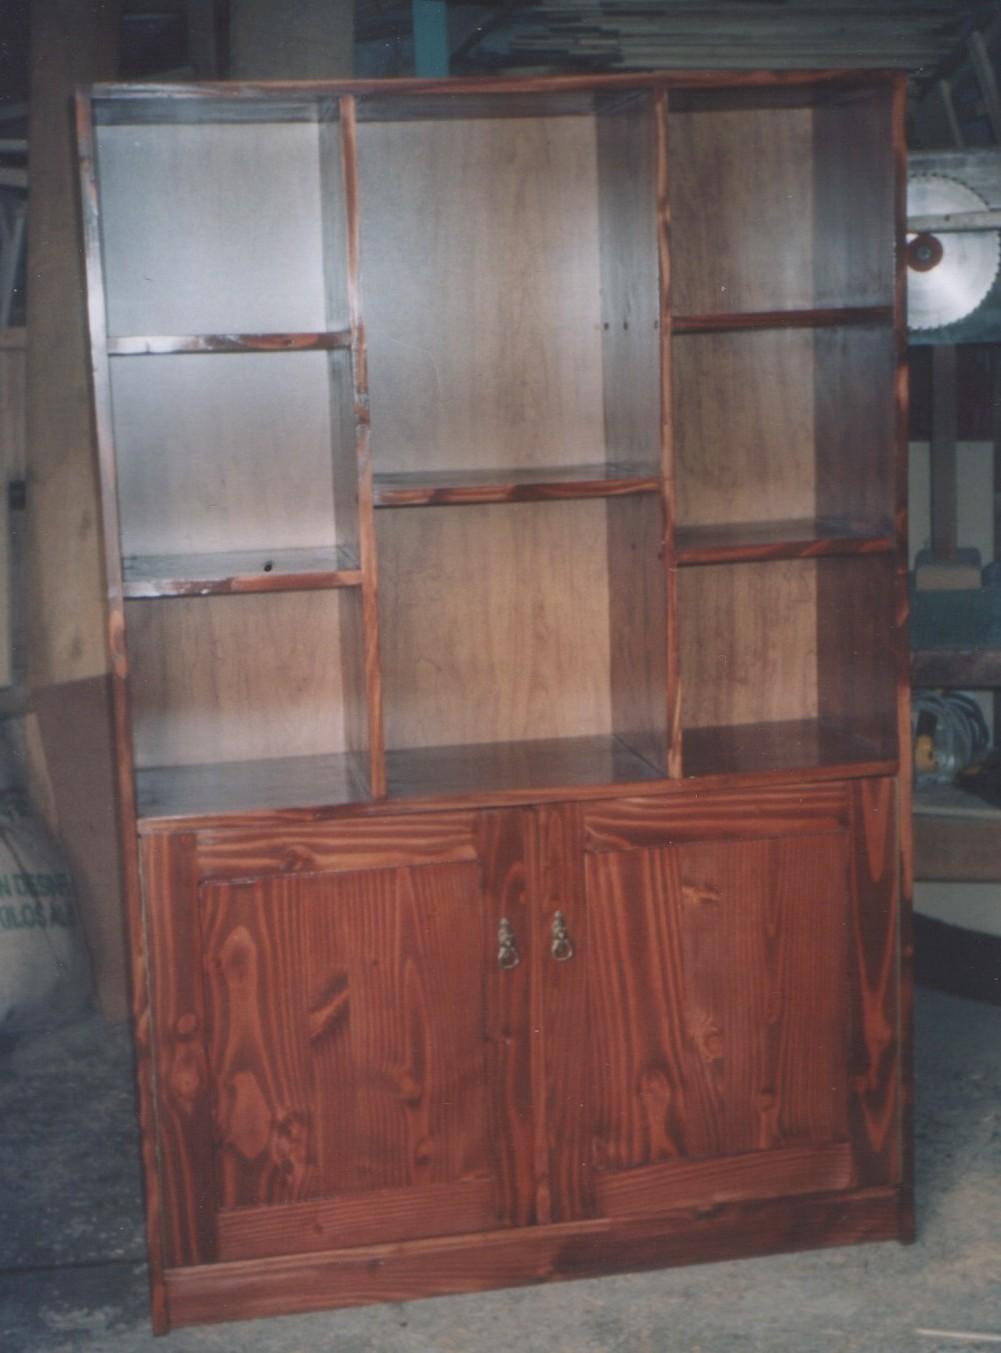 Mueble con repisas y puertas de pino oreg n fabricaci n de muebles puertas y ventanas en - Mueble de pino ...